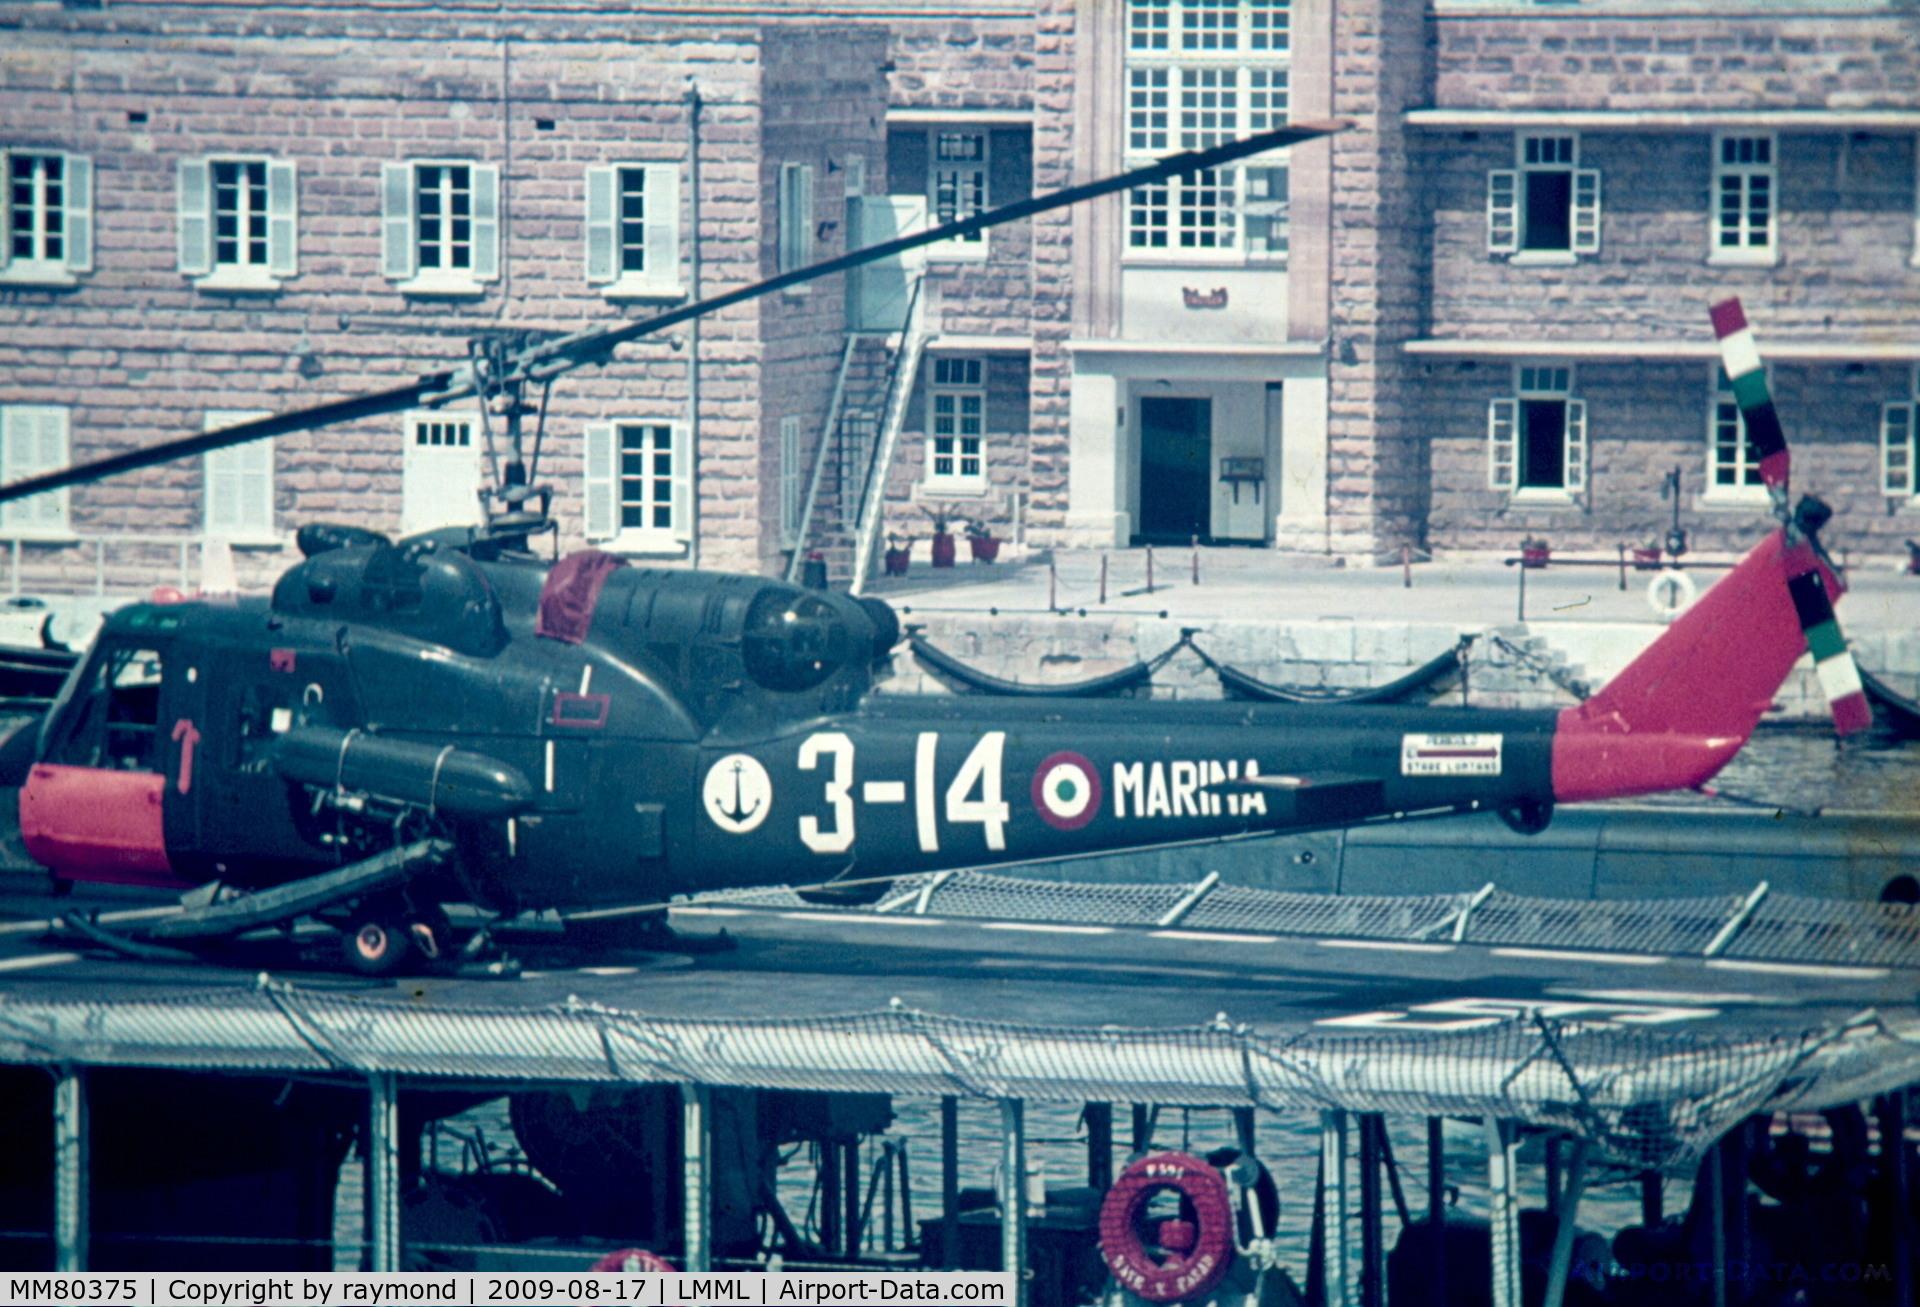 MM80375, Agusta AB-204 C/N 3146, AB204 MM80375/3-14 Italian Navy